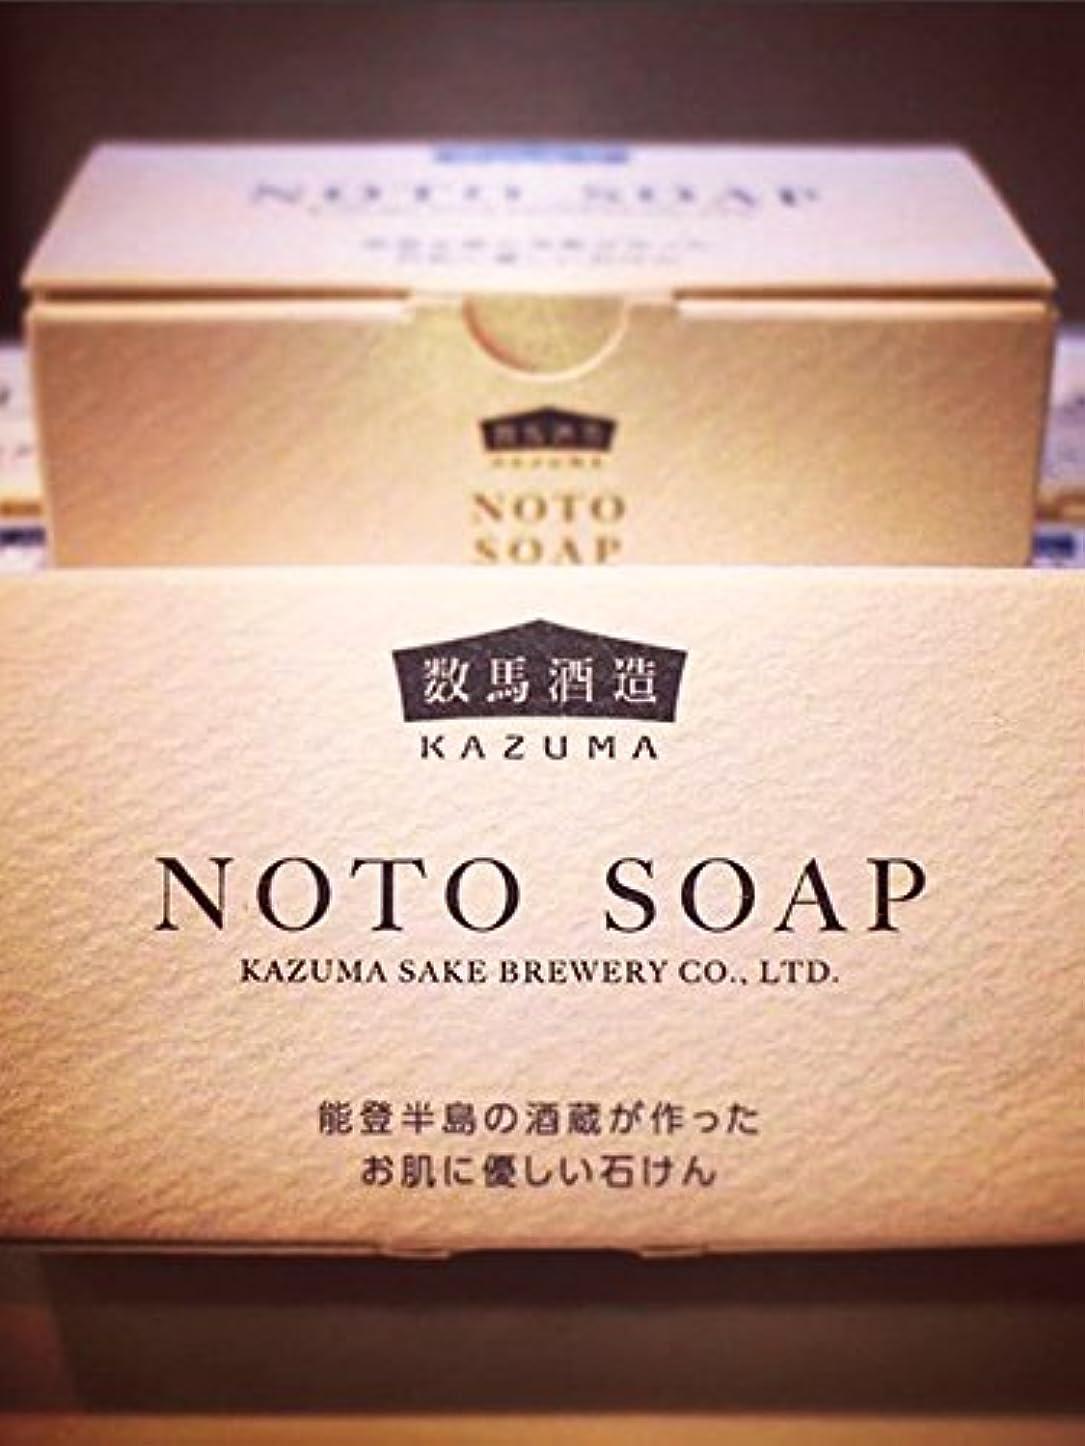 頑丈ぼろジェム竹葉 NOTO SOAP 酒粕石鹸 1個80g